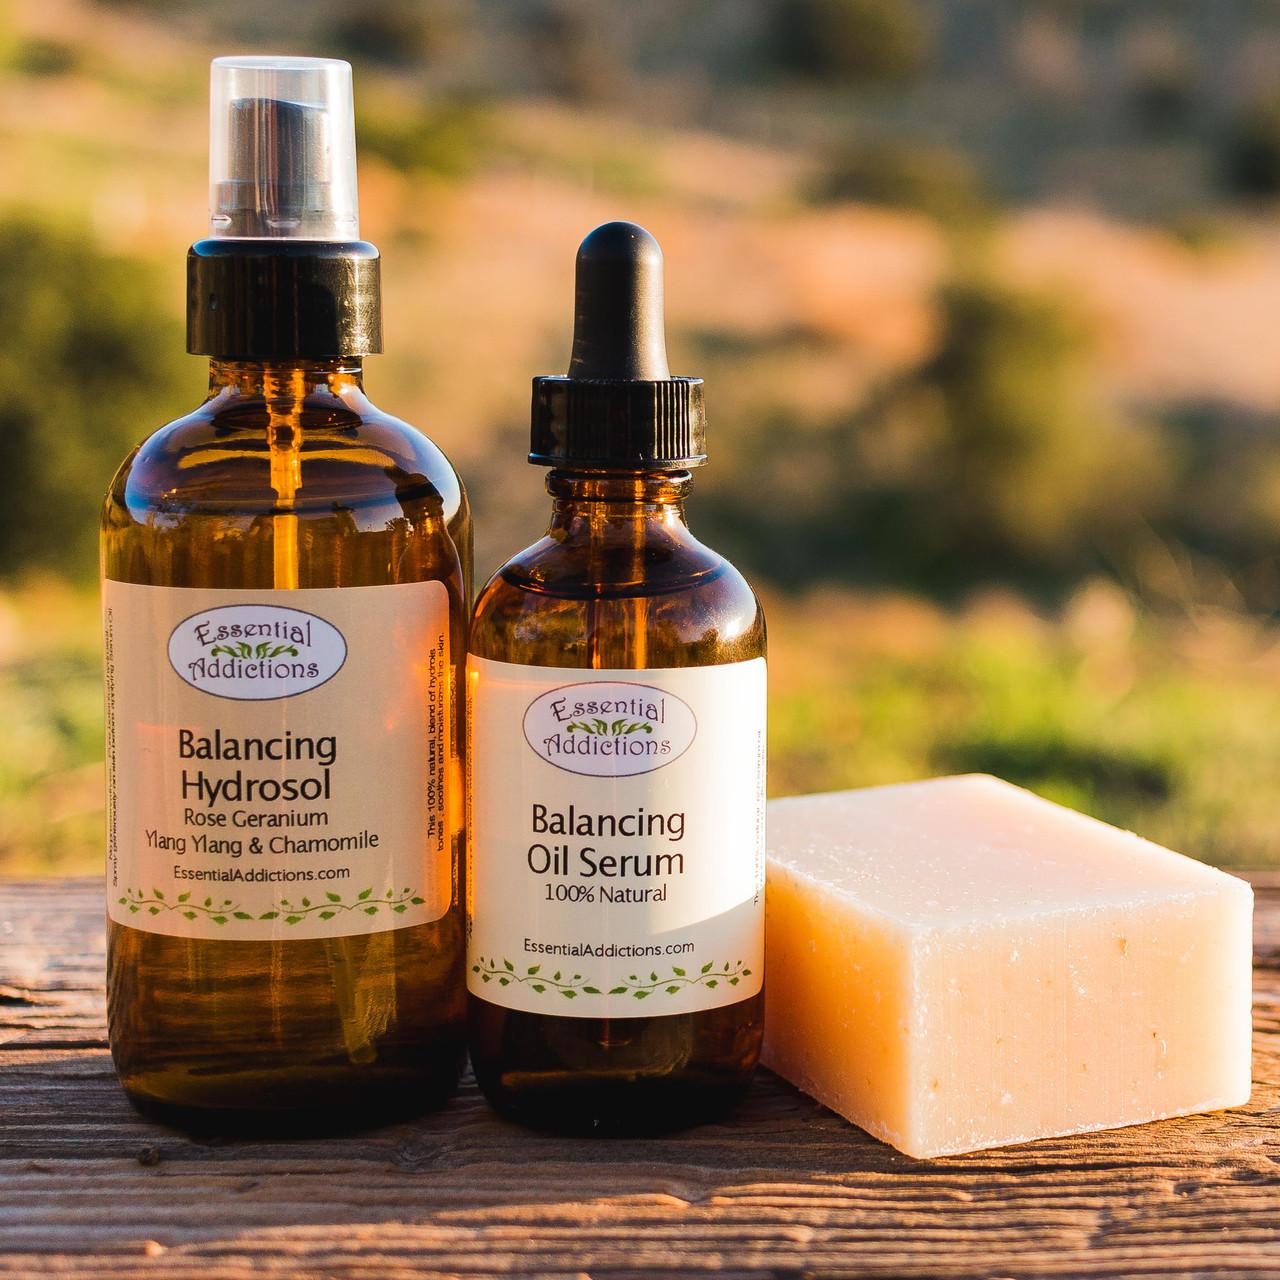 Balancing Skin Care Kit